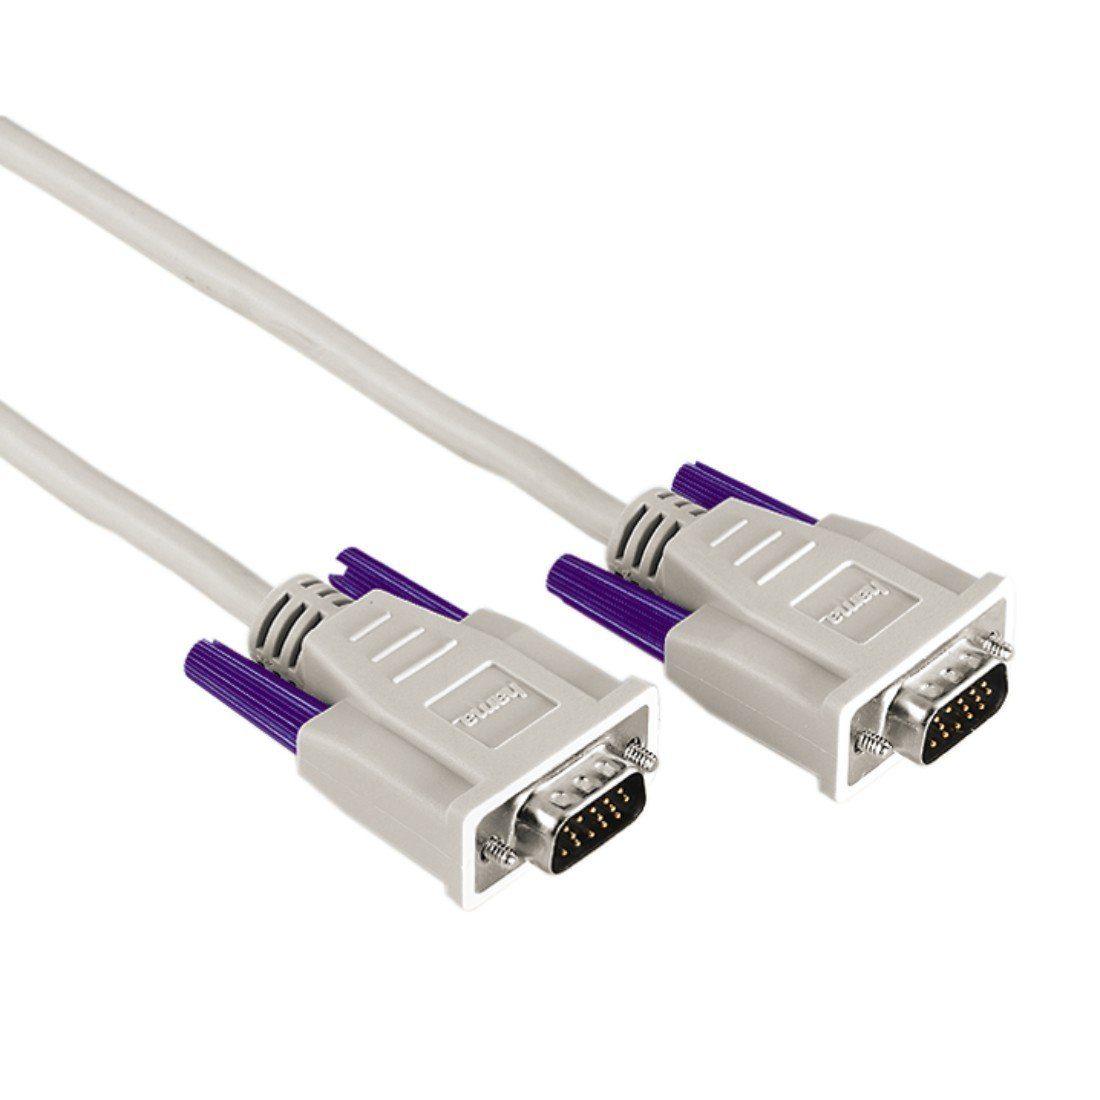 Exxter VGA-Kabel, geschirmt, 3,00 m